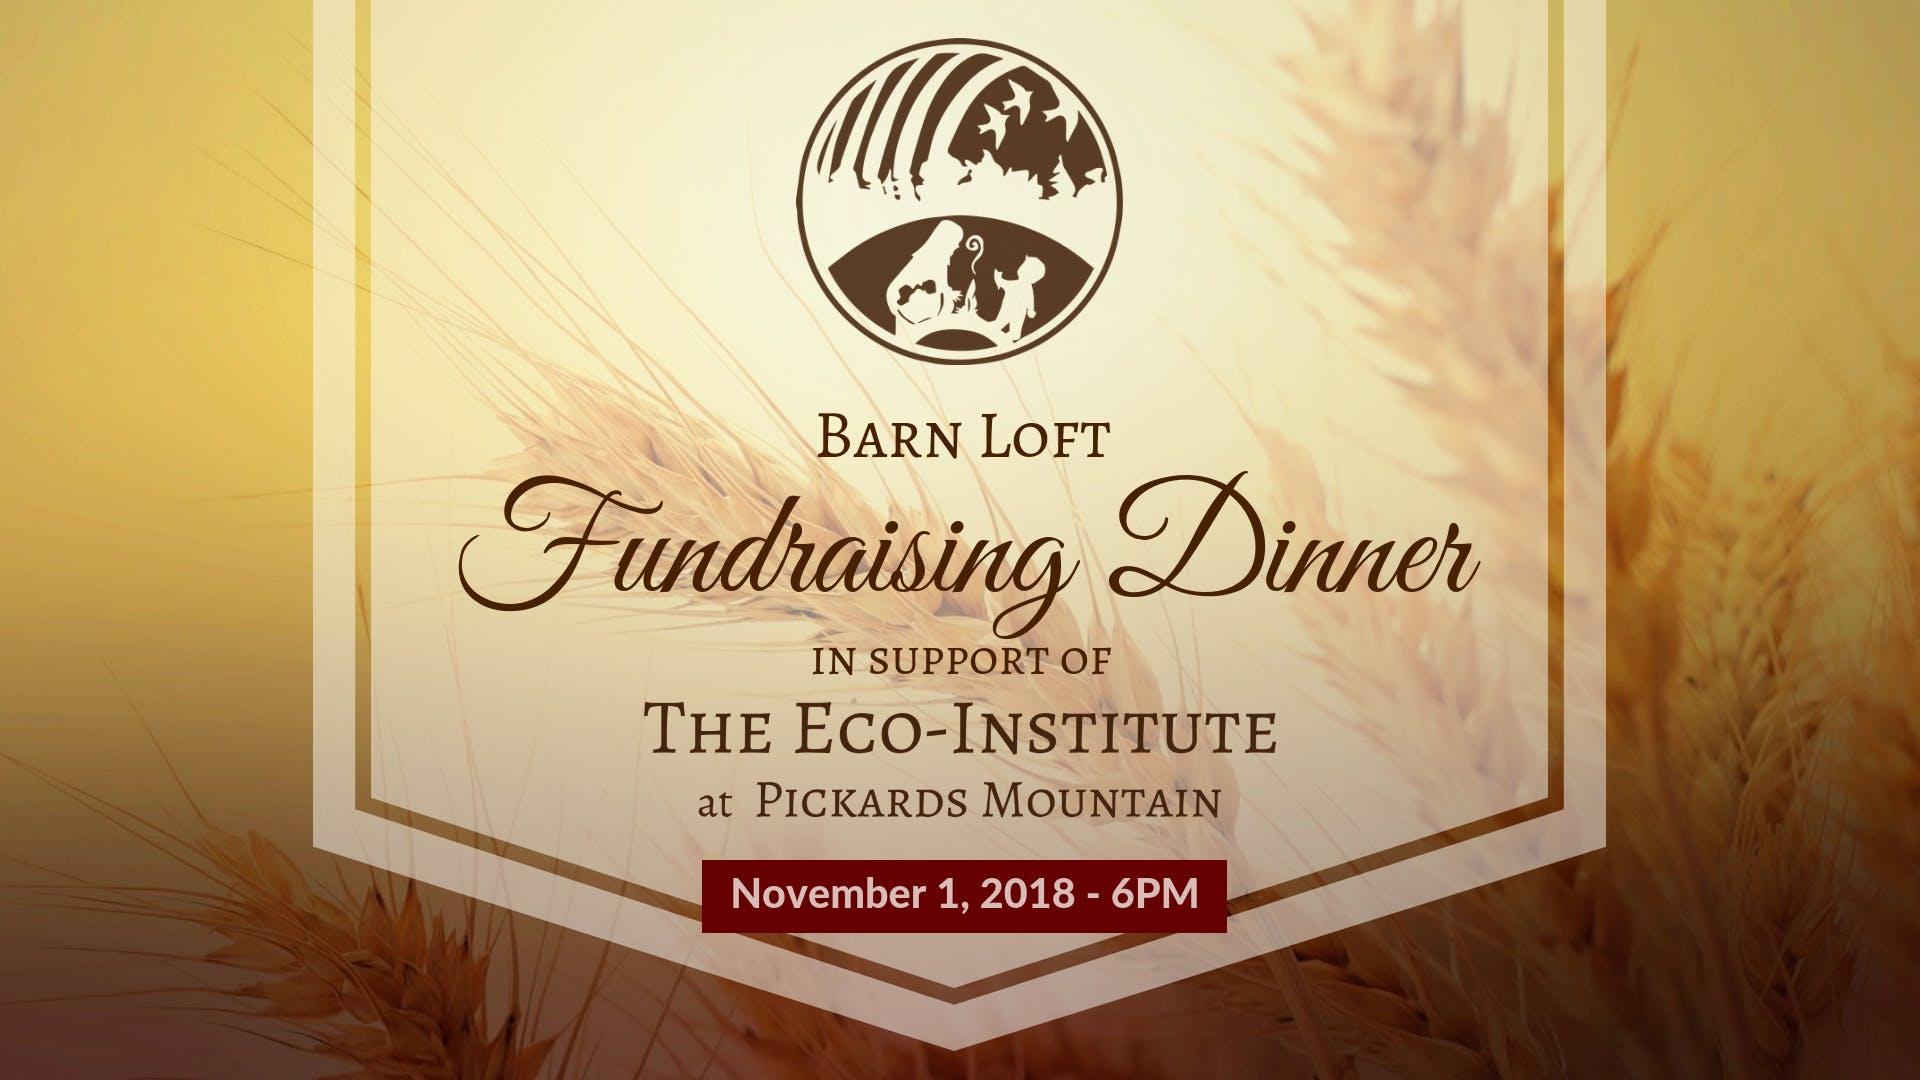 Barn Loft Fundraising Dinner For The Eco Institute 1 Nov 2018